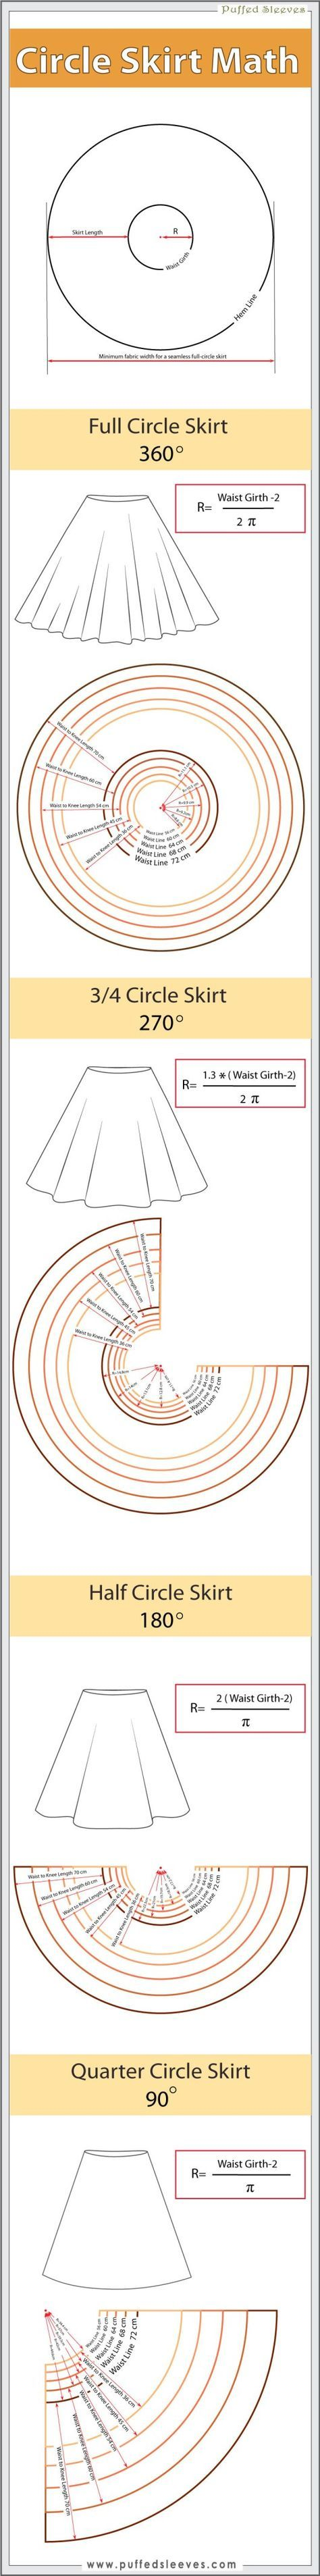 Circle skirt pattern                                                                                                                                                      More